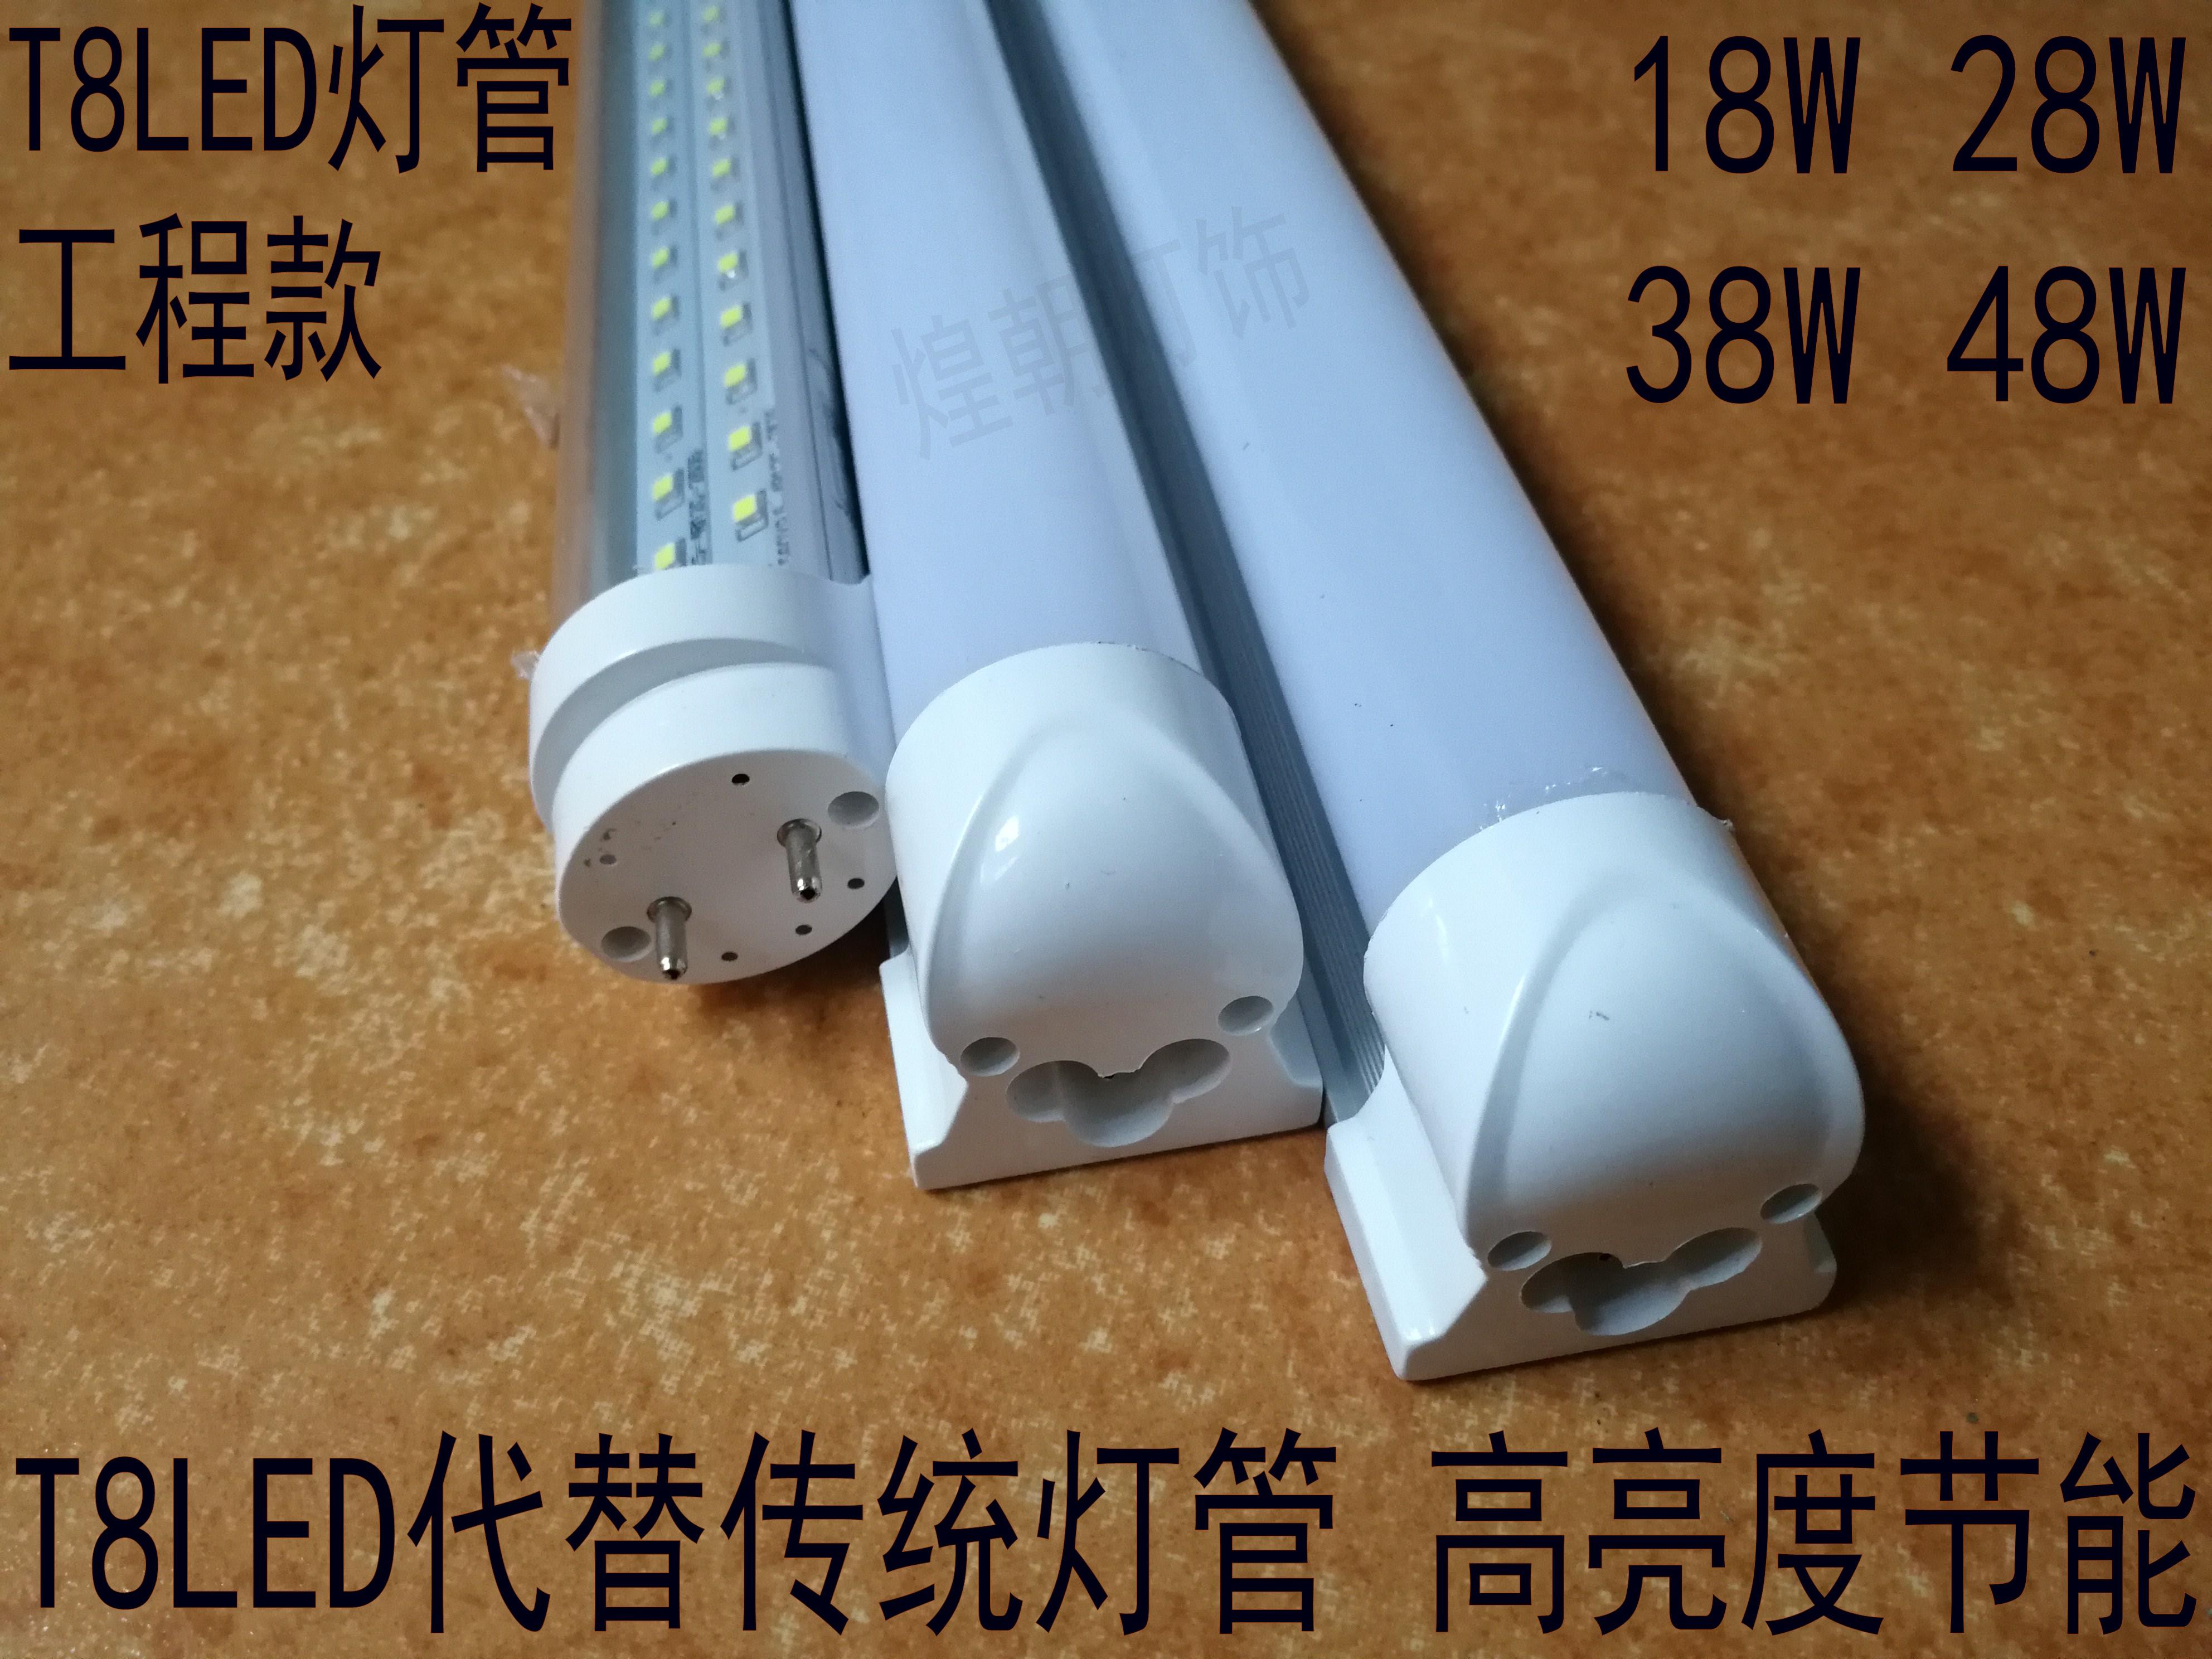 双排T8/T5高亮 LED日光灯一体化全套灯管节能展柜吊顶家用工程